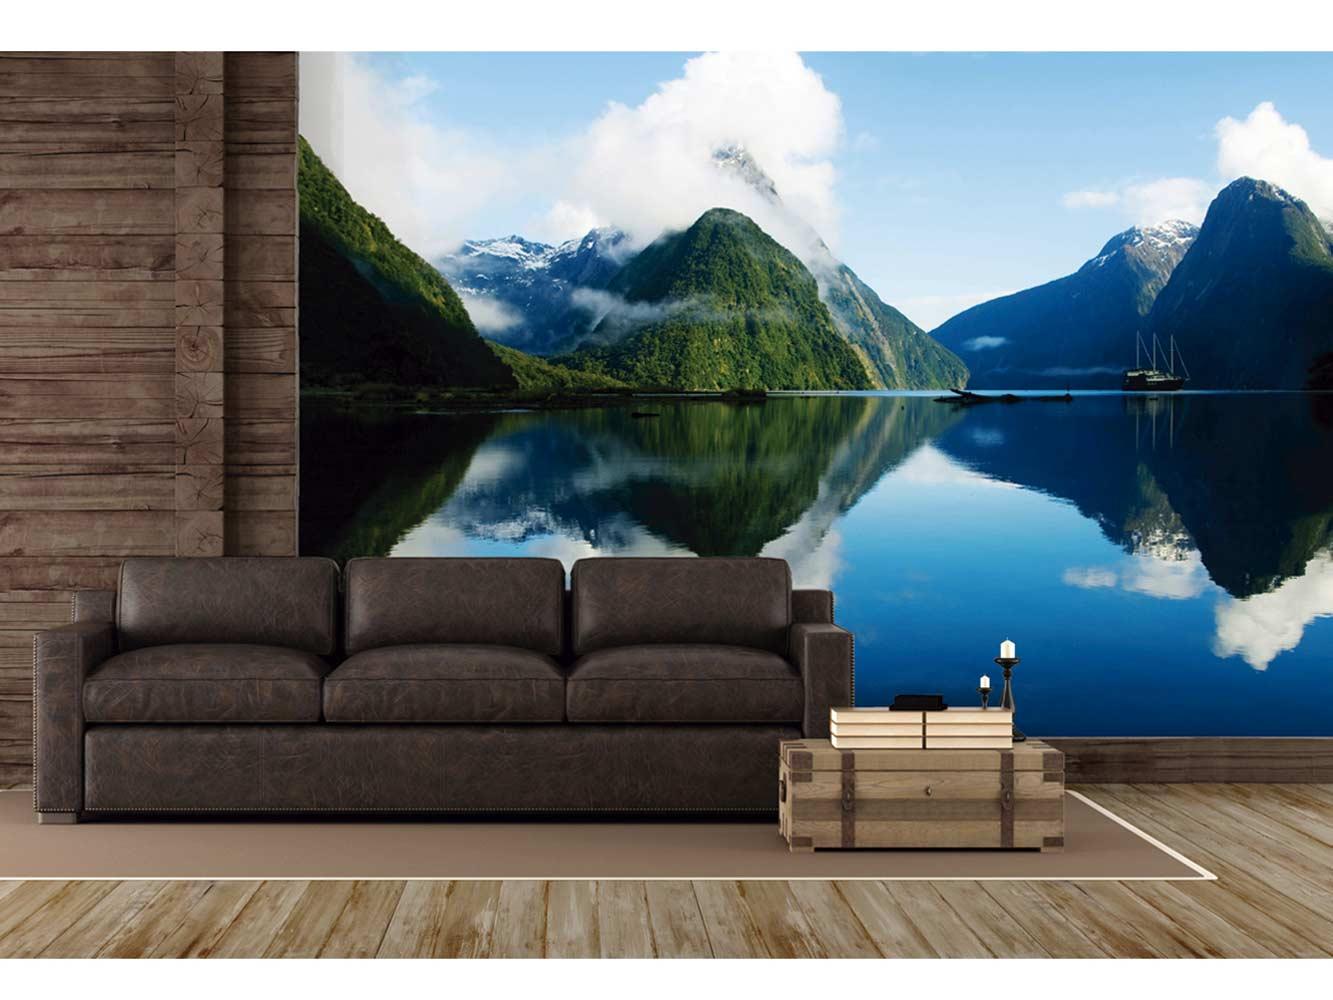 Fotomural Vinilo Lago entre Montañas | Carteles XXL - Impresión carteleria publicitaria